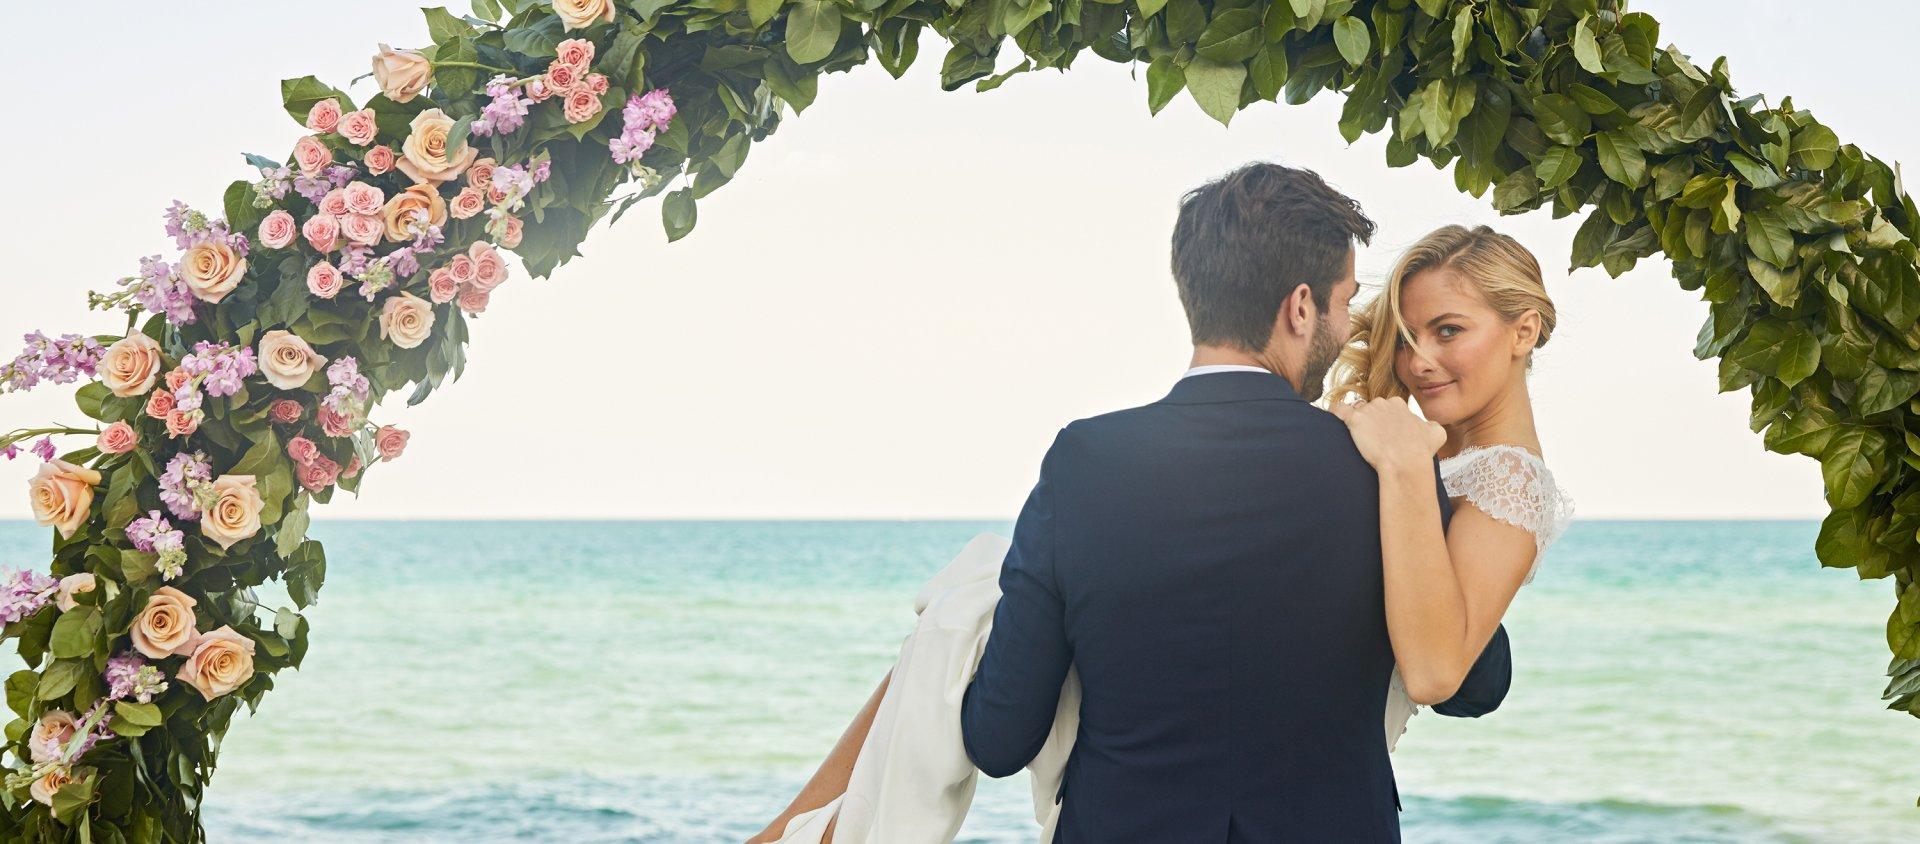 A wedding at Eden Roc, Miami Beach